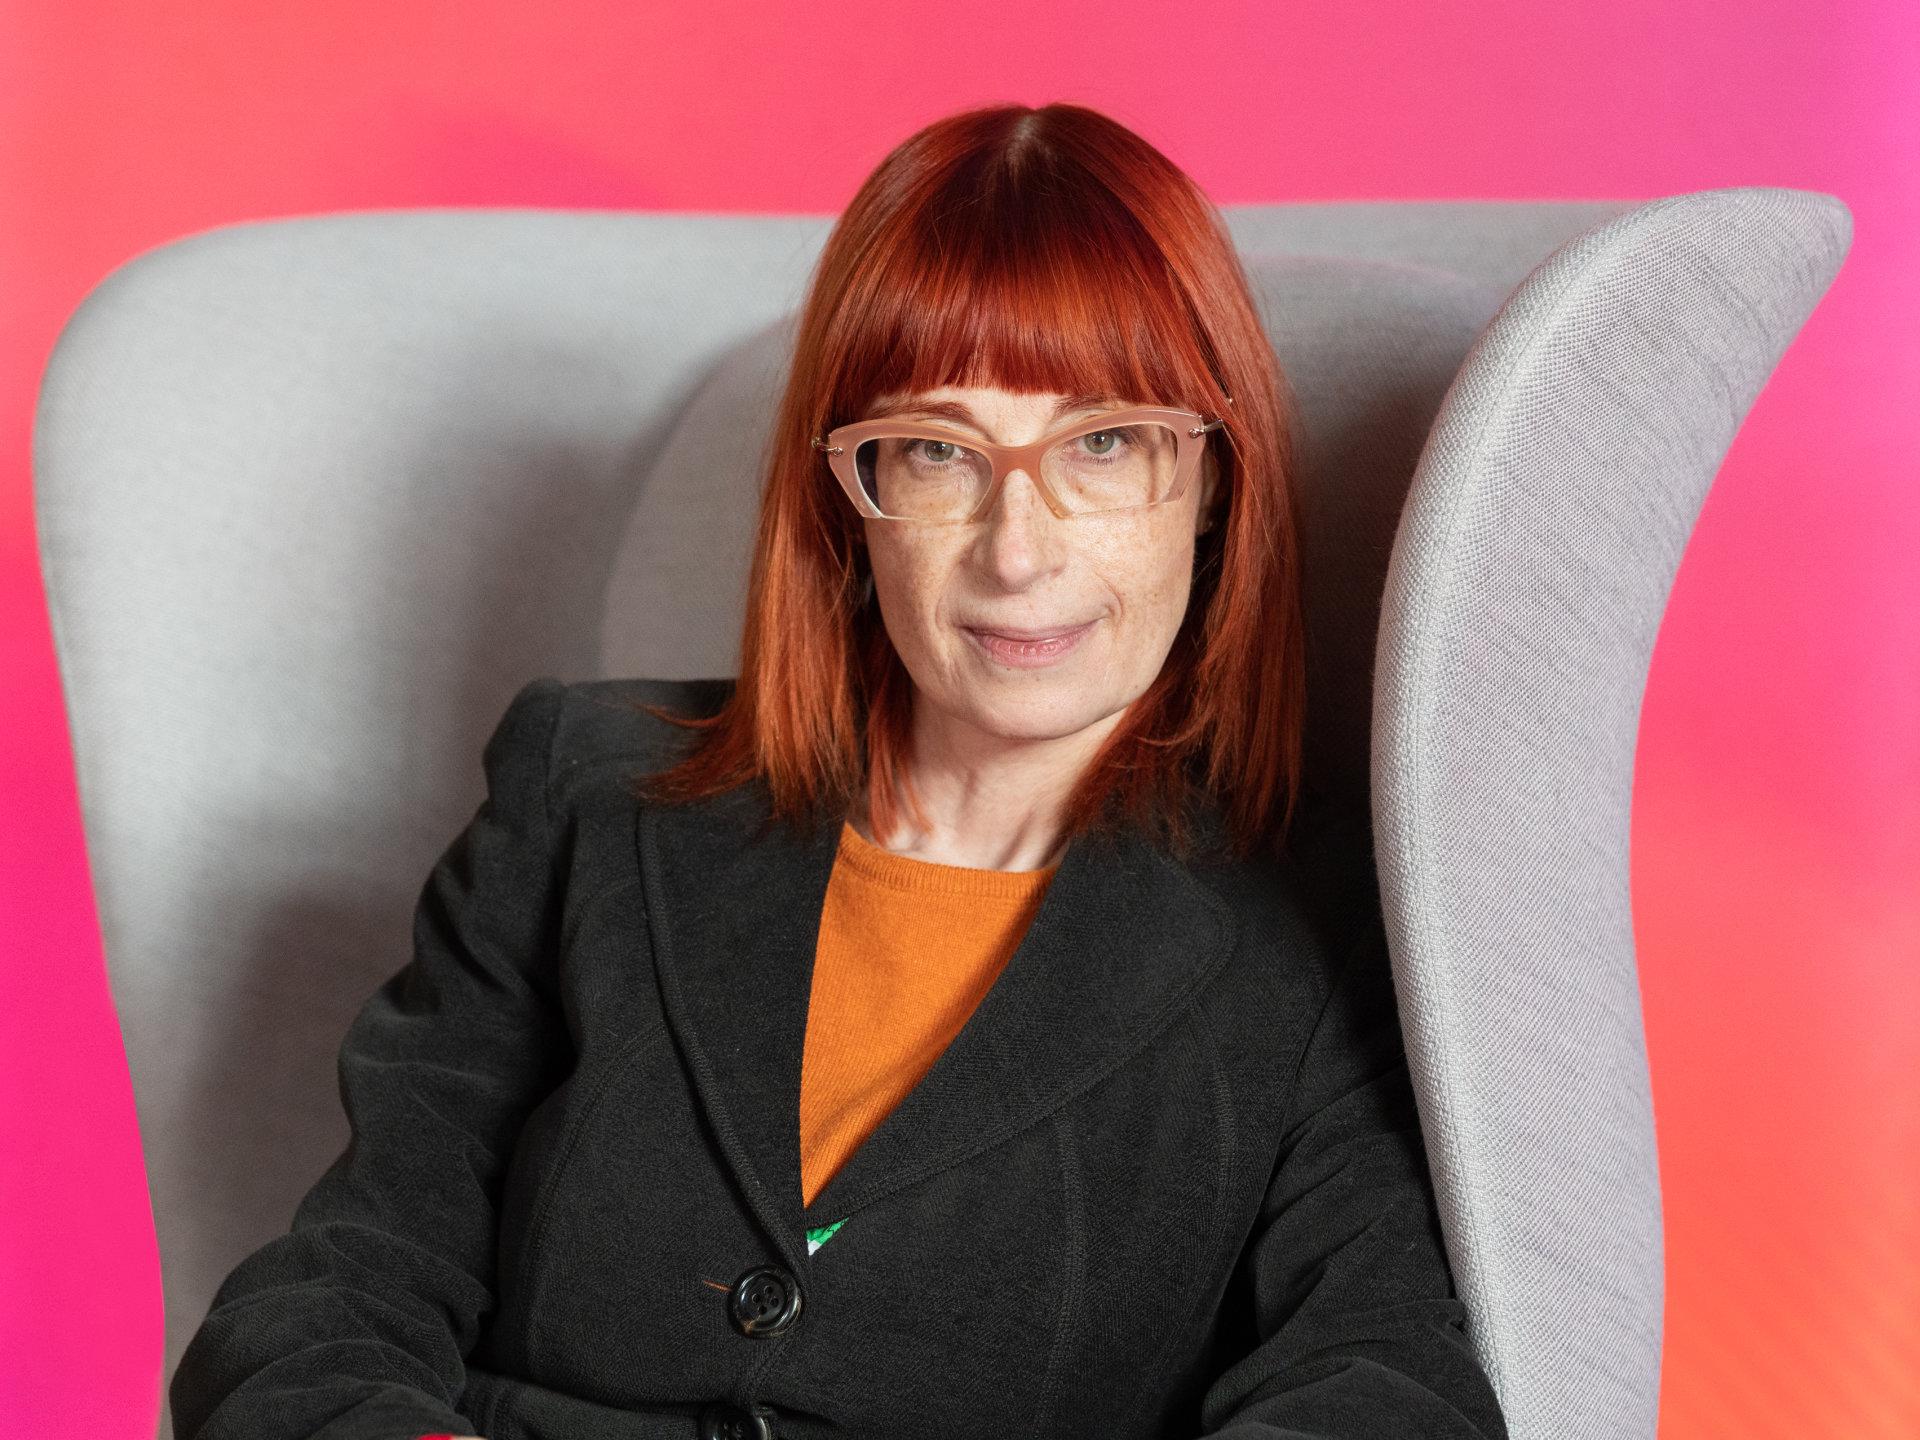 Alessandra Piubello